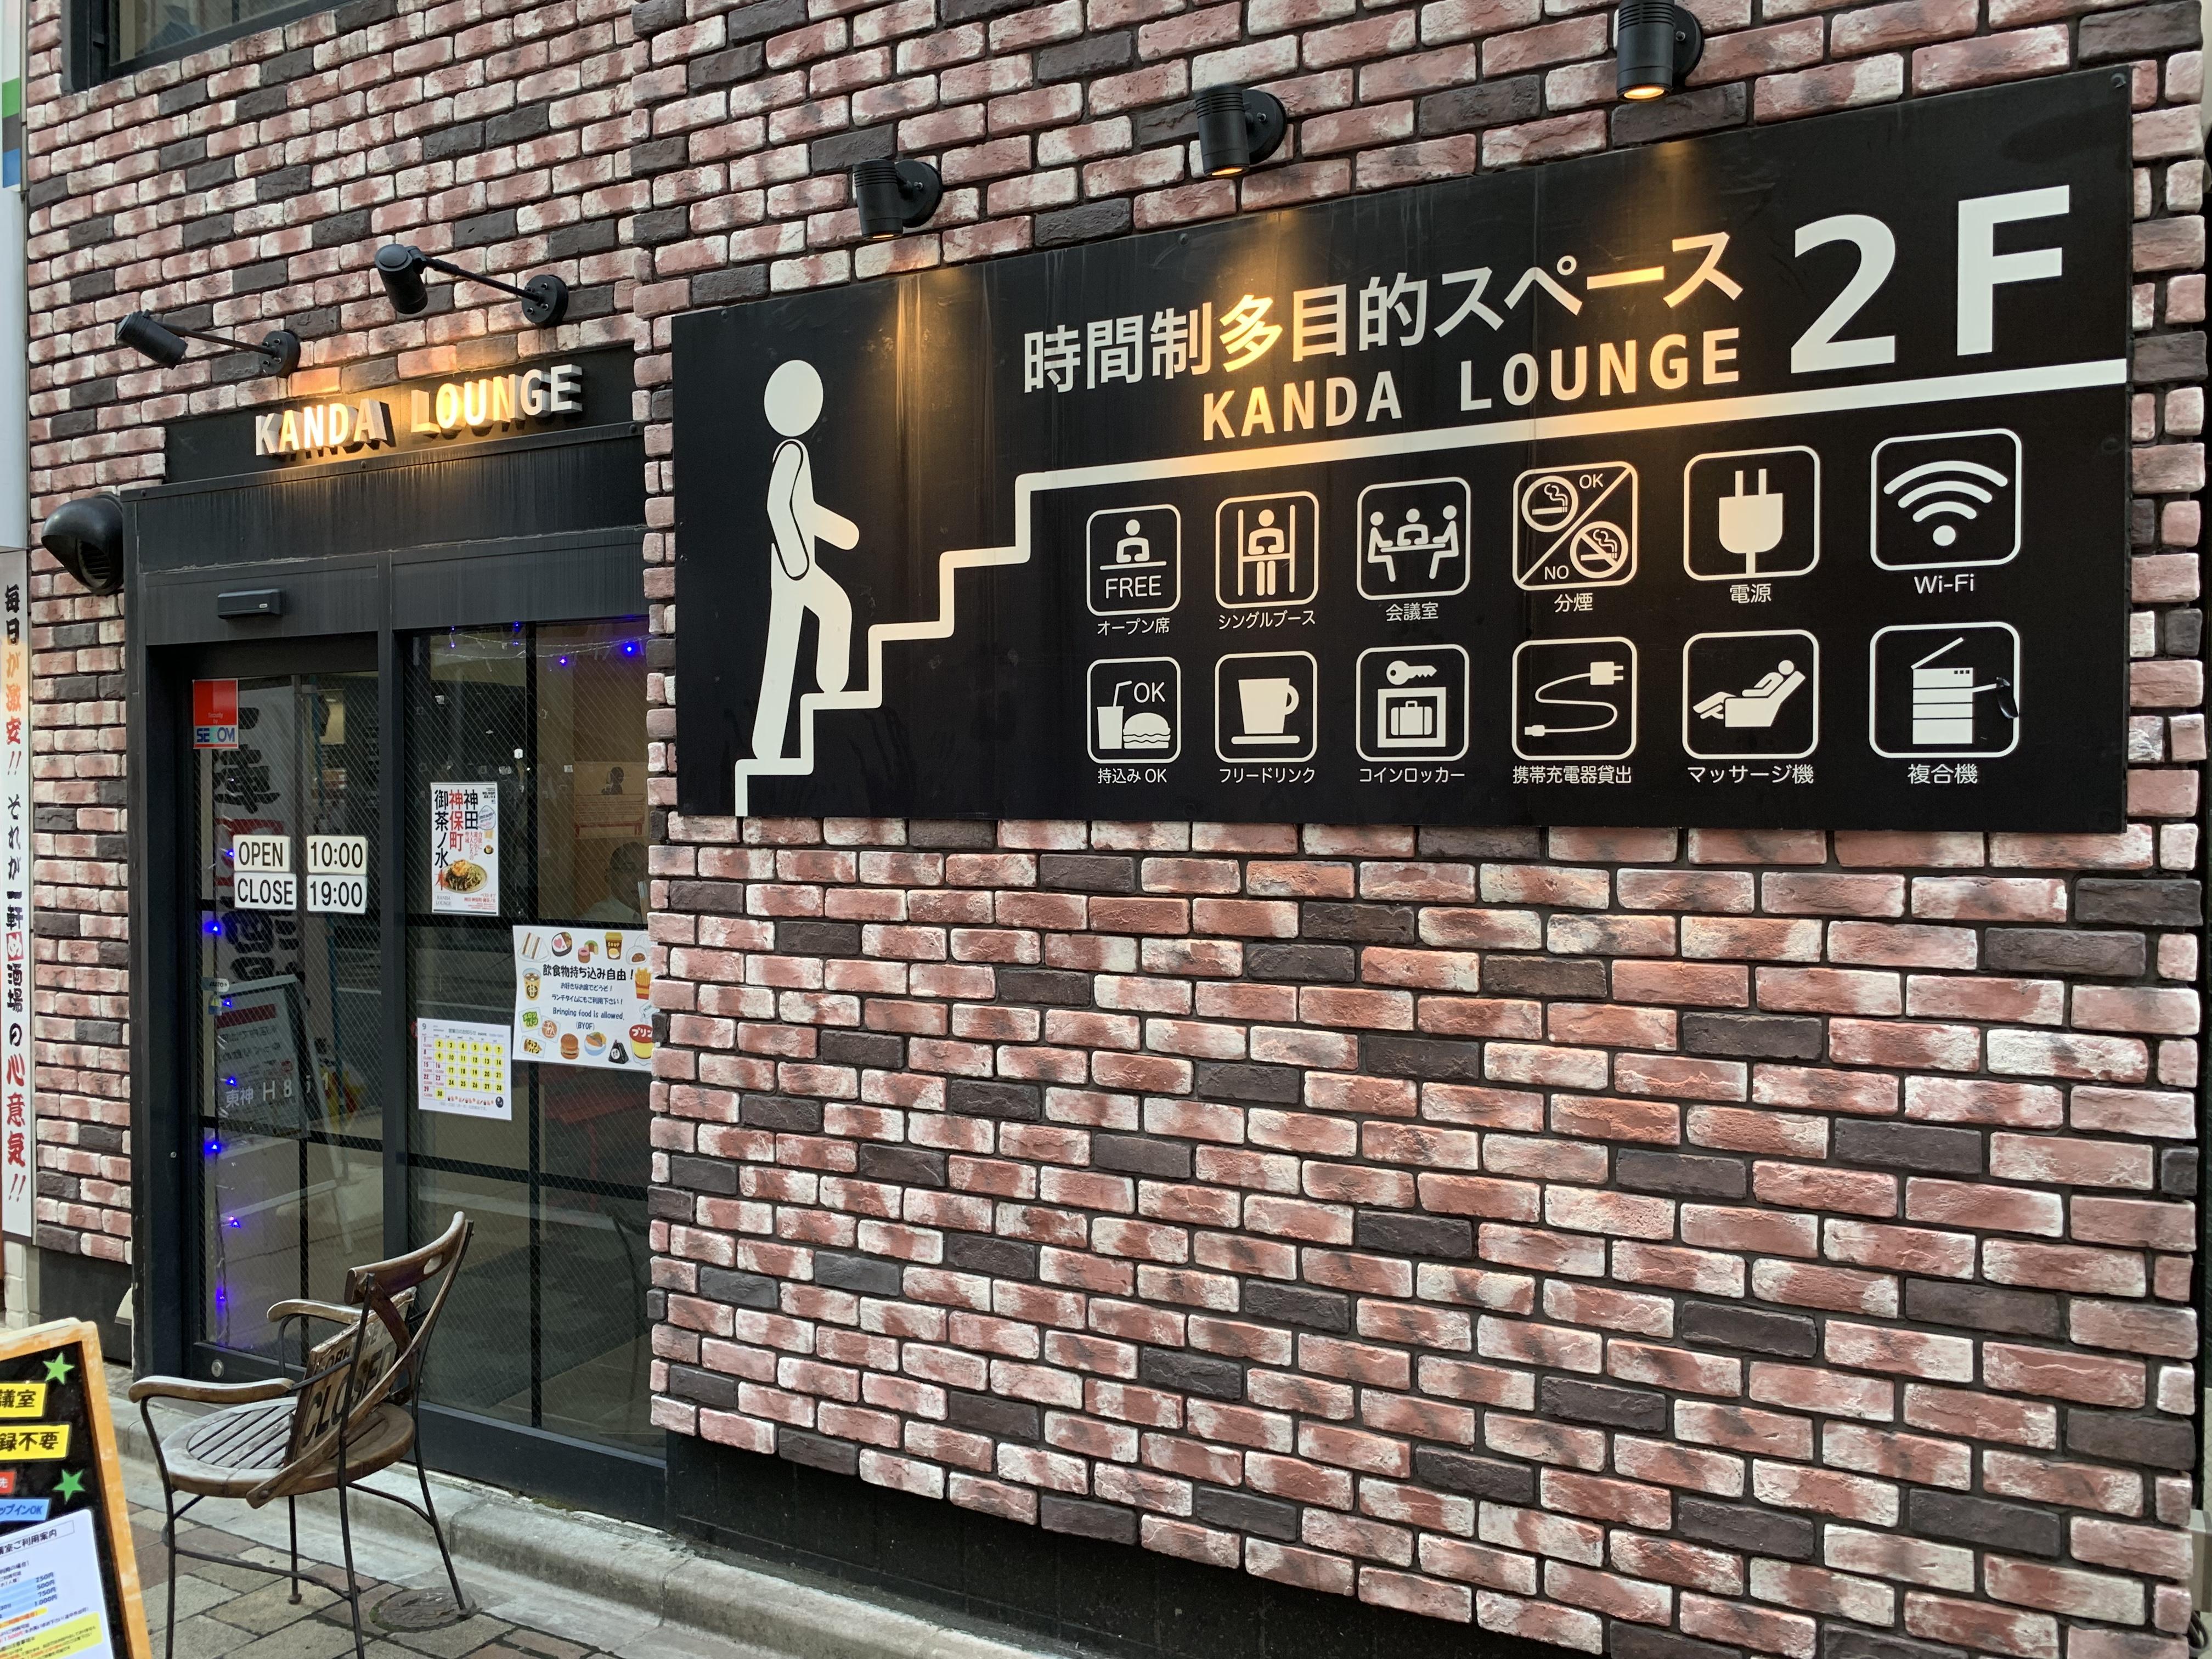 神田駅東口 電源カフェ KANDA LOUNGE(神田ラウンジ) Wi-Fi